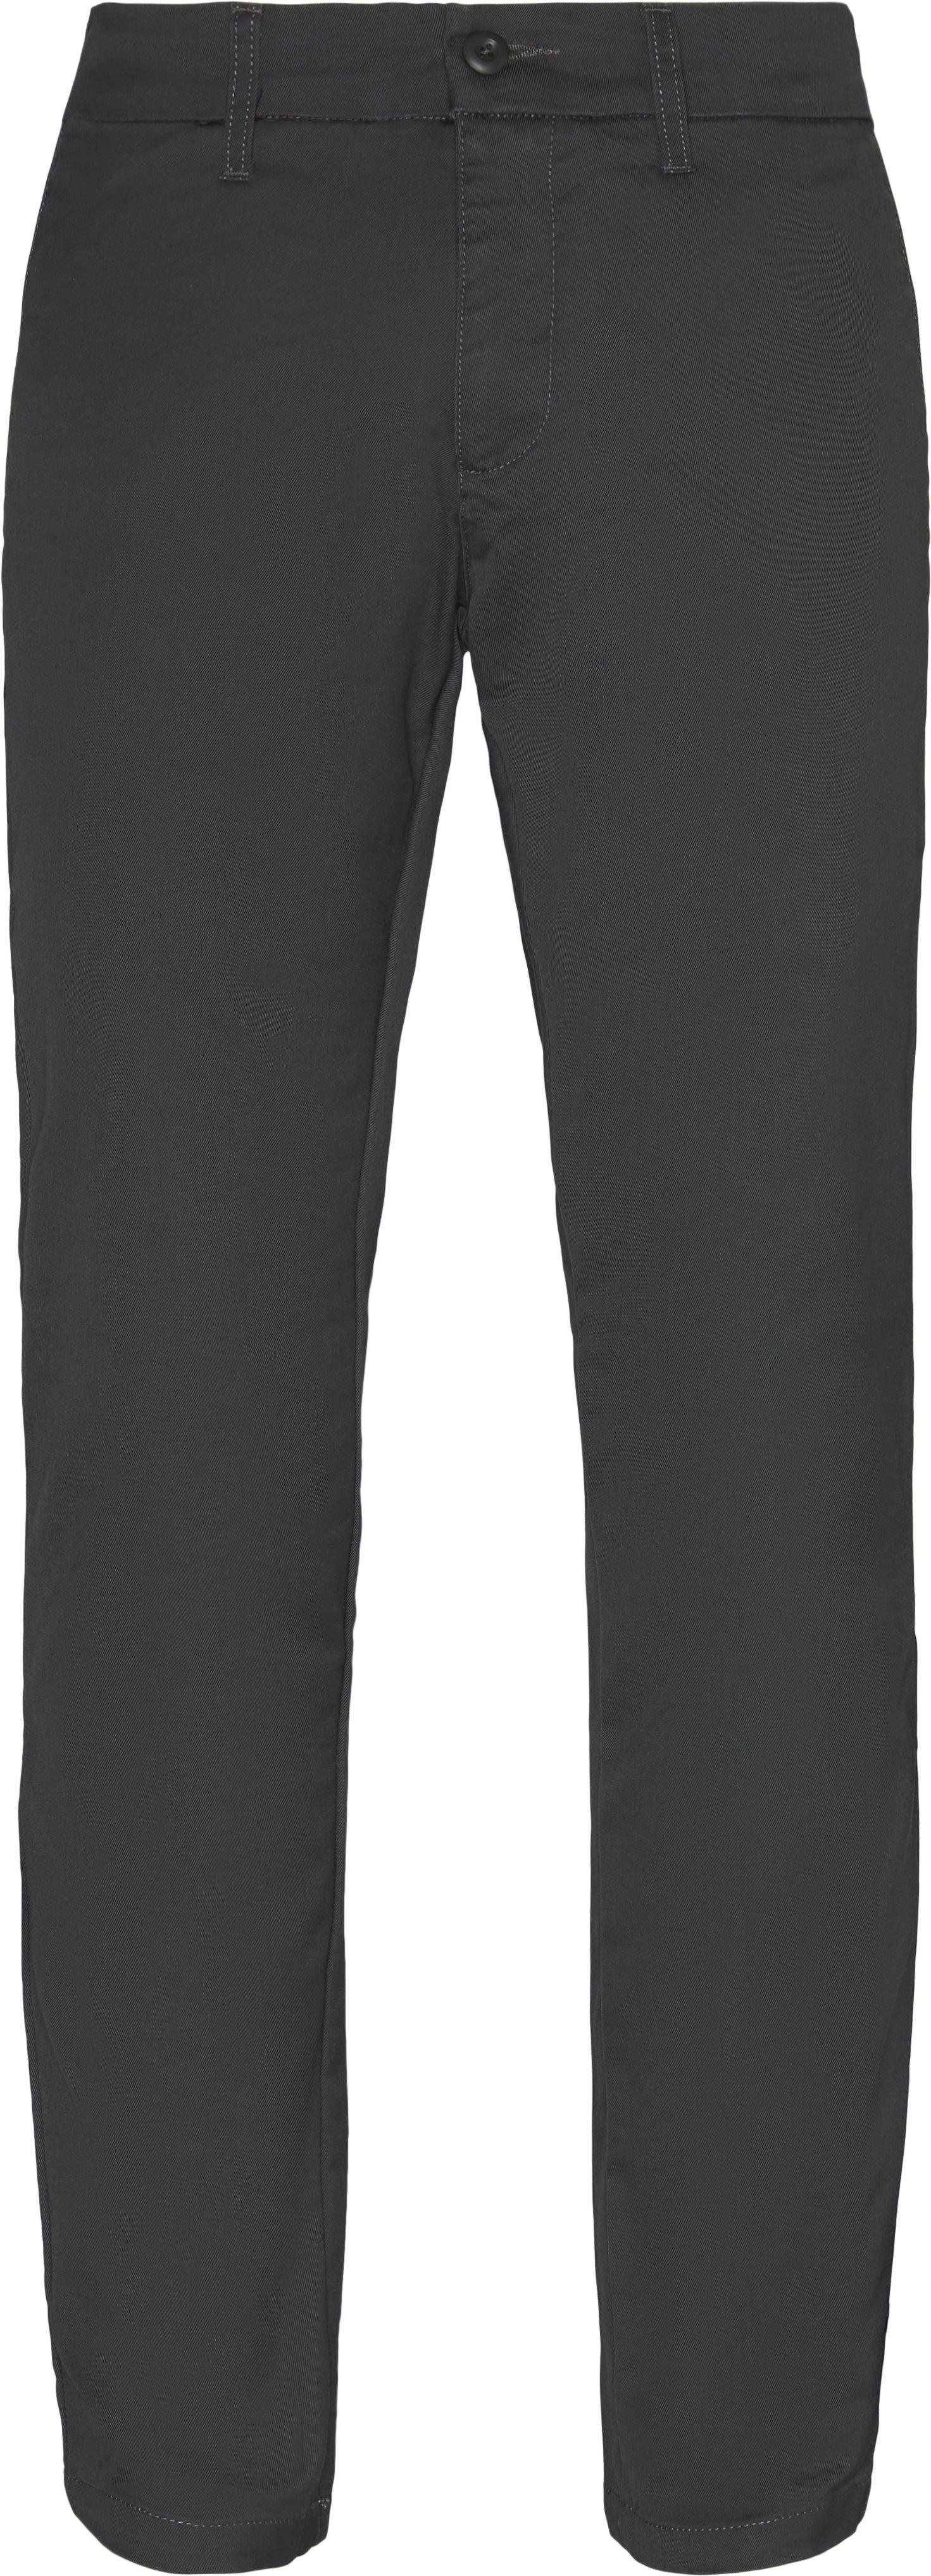 Sid Pant - Bukser - Slim fit - Grå